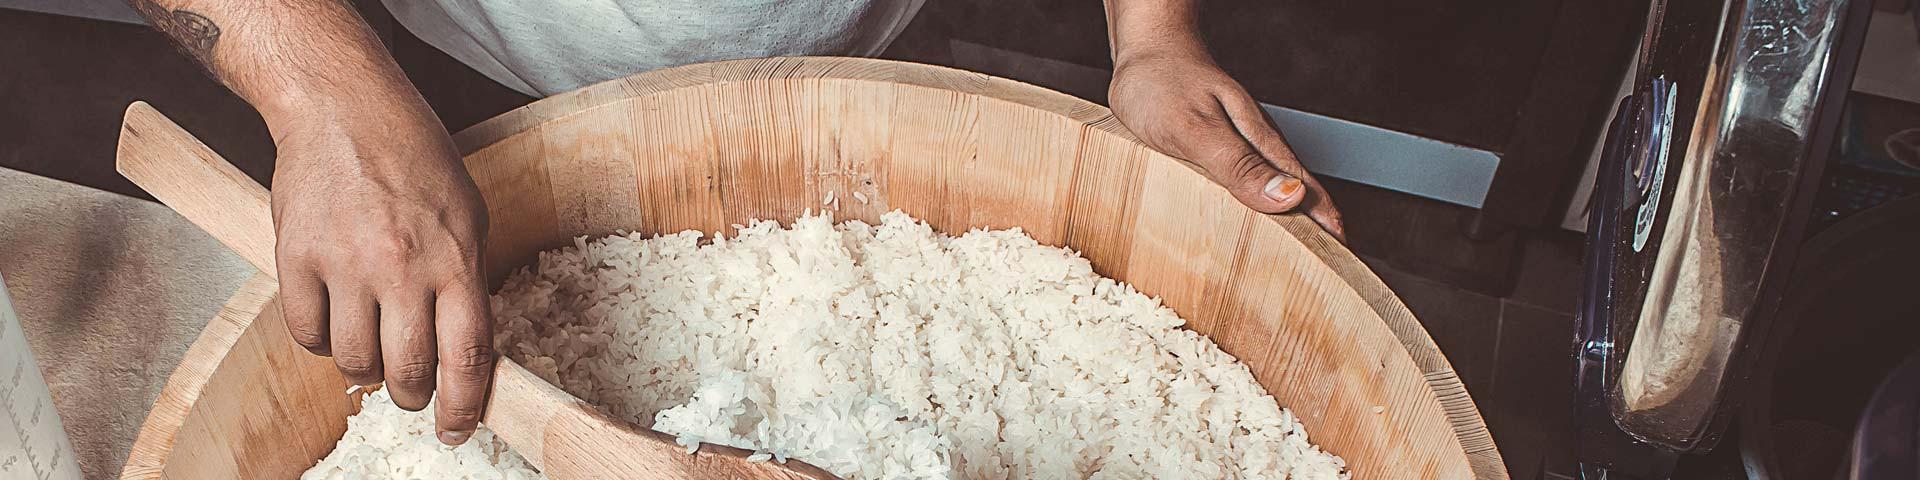 日本の雑貨 | モダン デザイン | 伝統的 | 盛皿